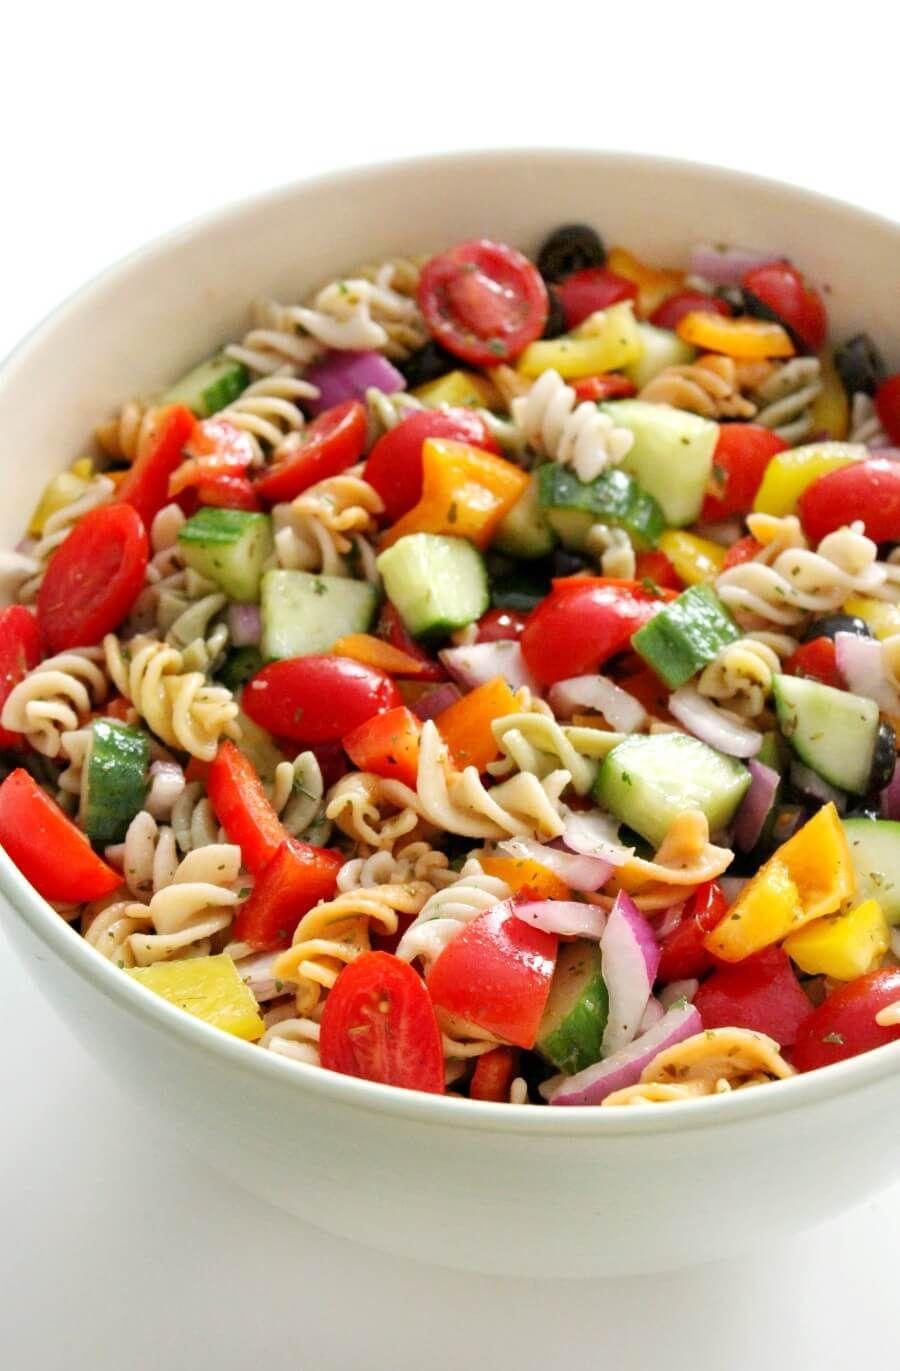 Cold Italian Pasta Salad (GlutenFree, Vegan, AllergyFree